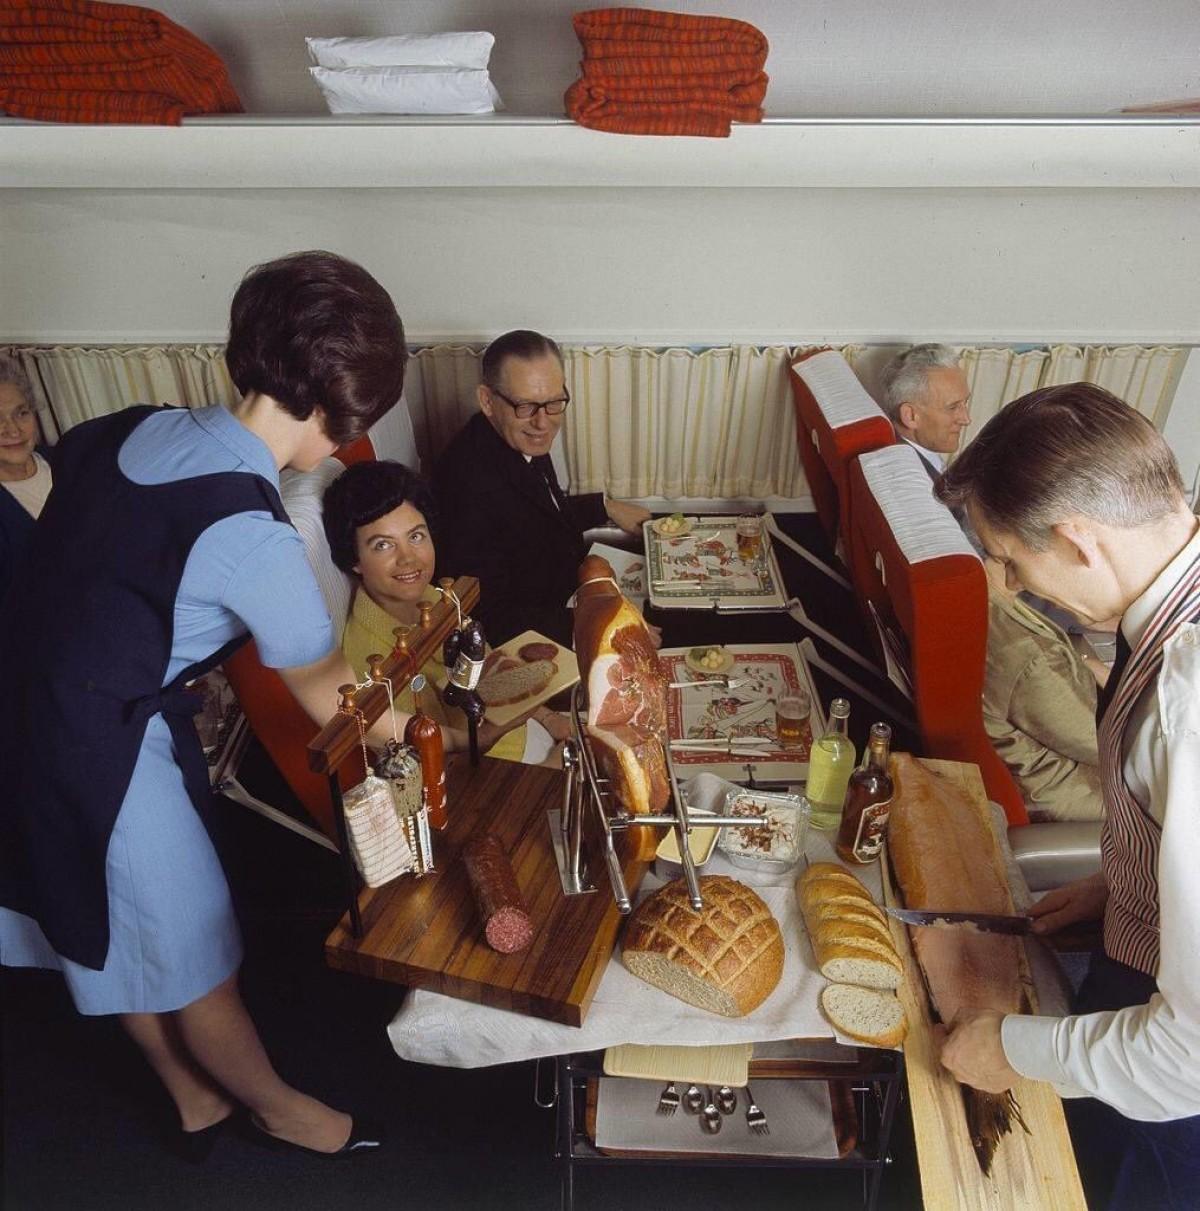 Uçakta yiyip içmek riski arttırır mı?